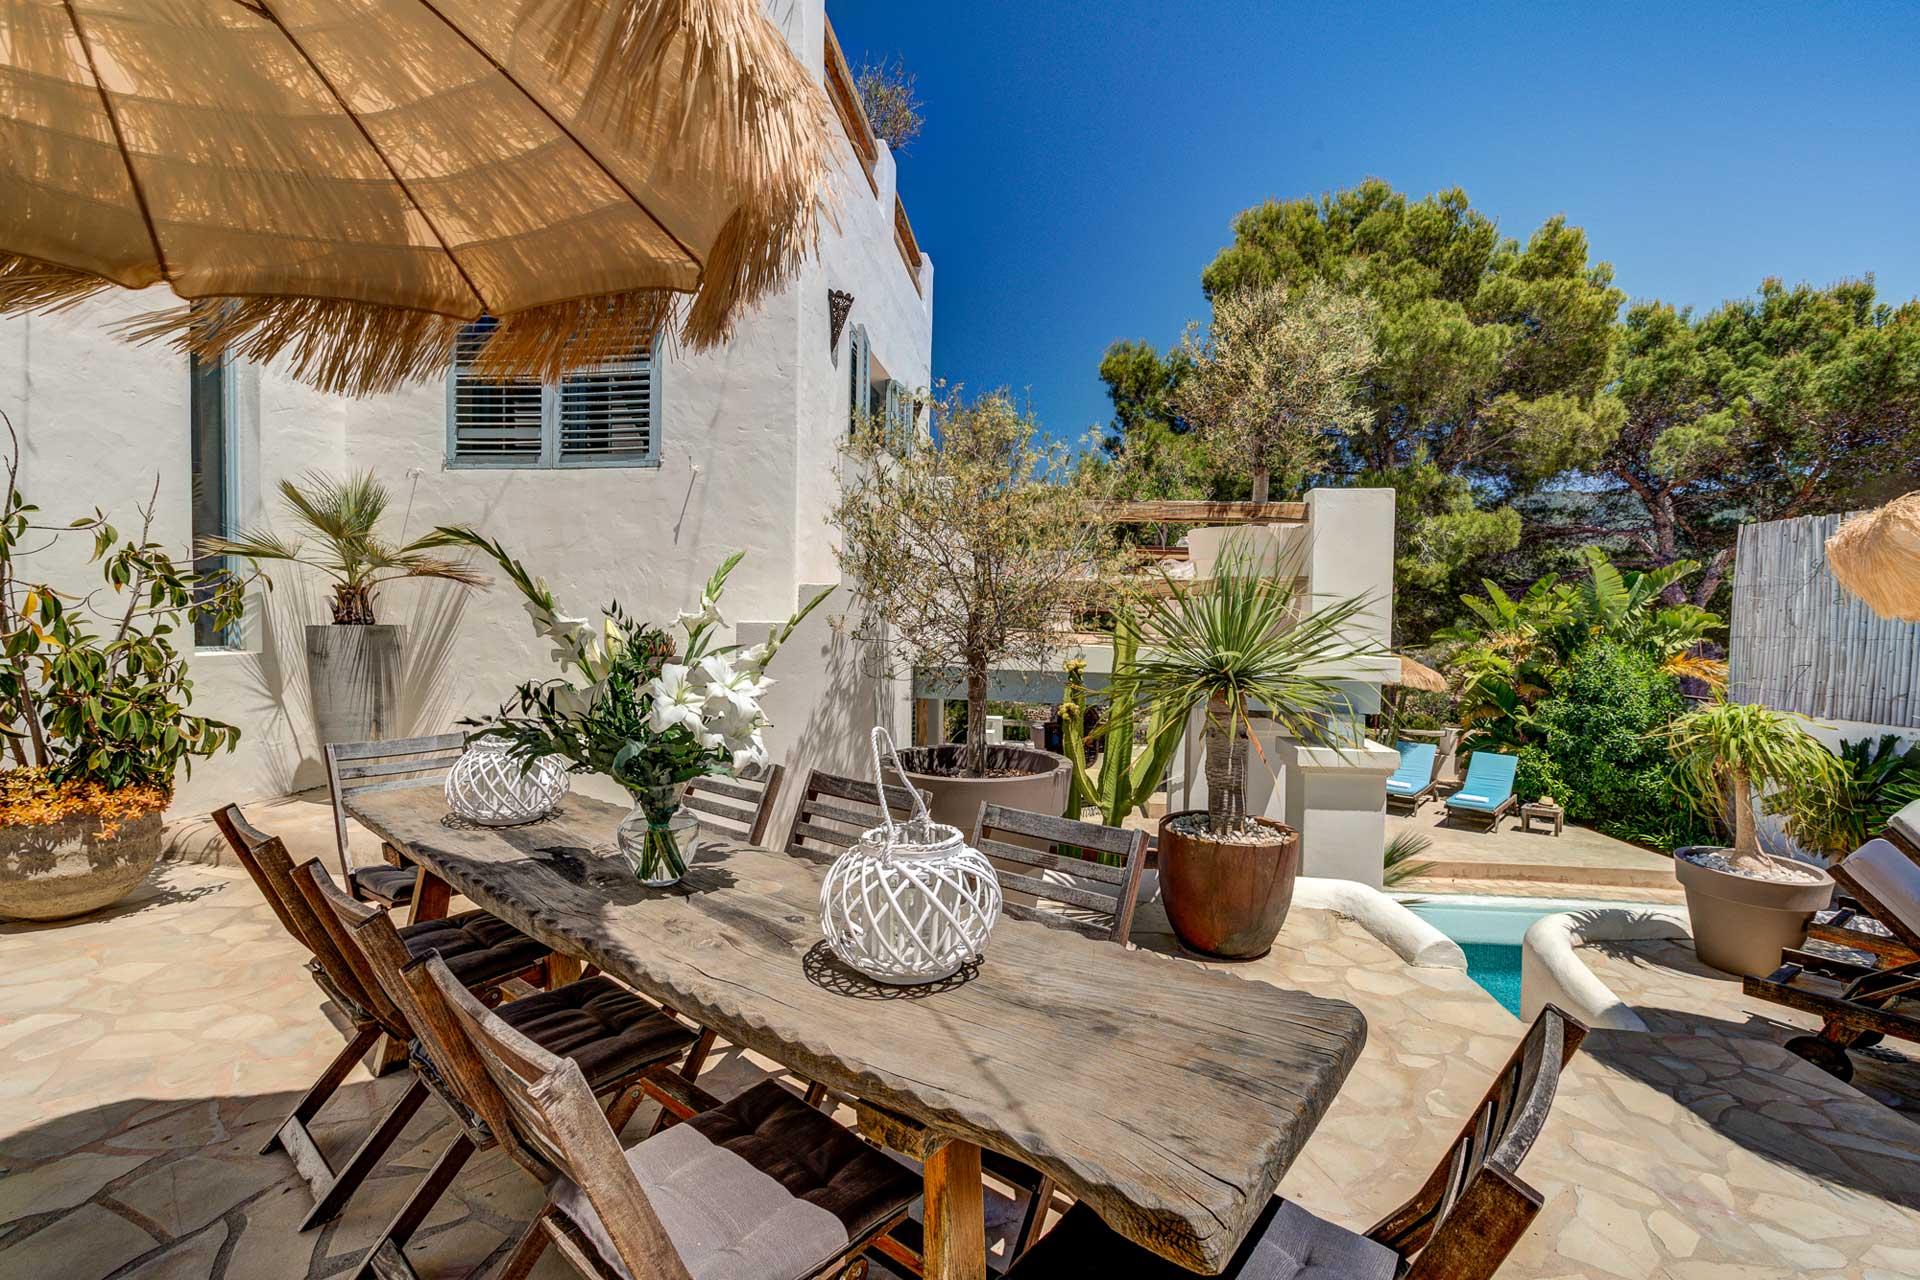 Villa Can Terra - Terrasse mit Grill und Essplatz